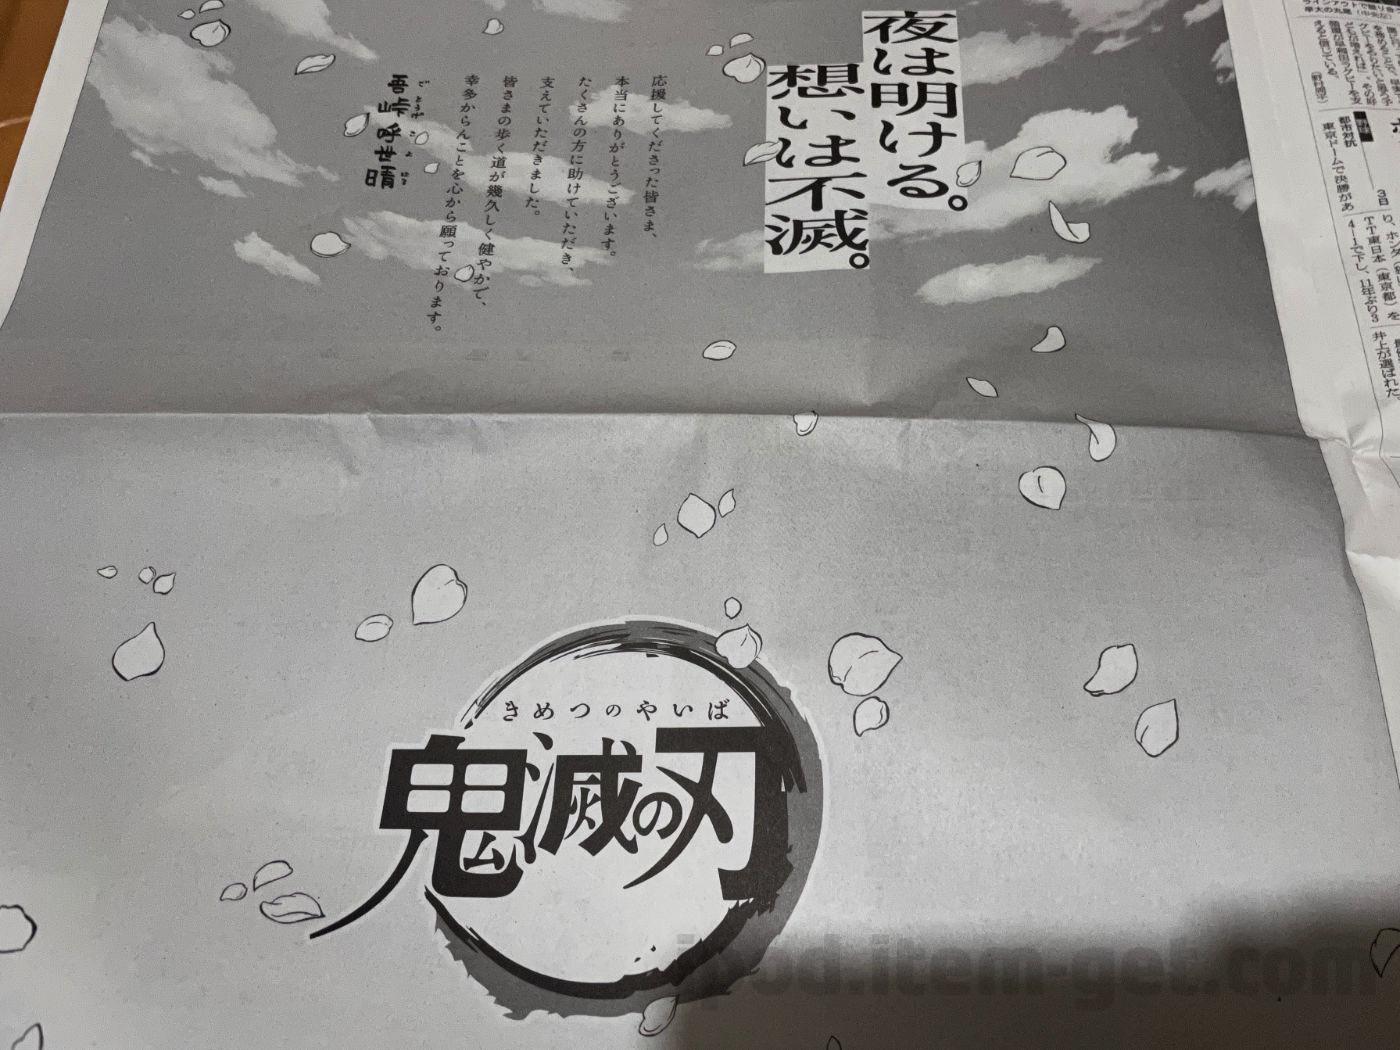 Kimetsu newspaperad 01